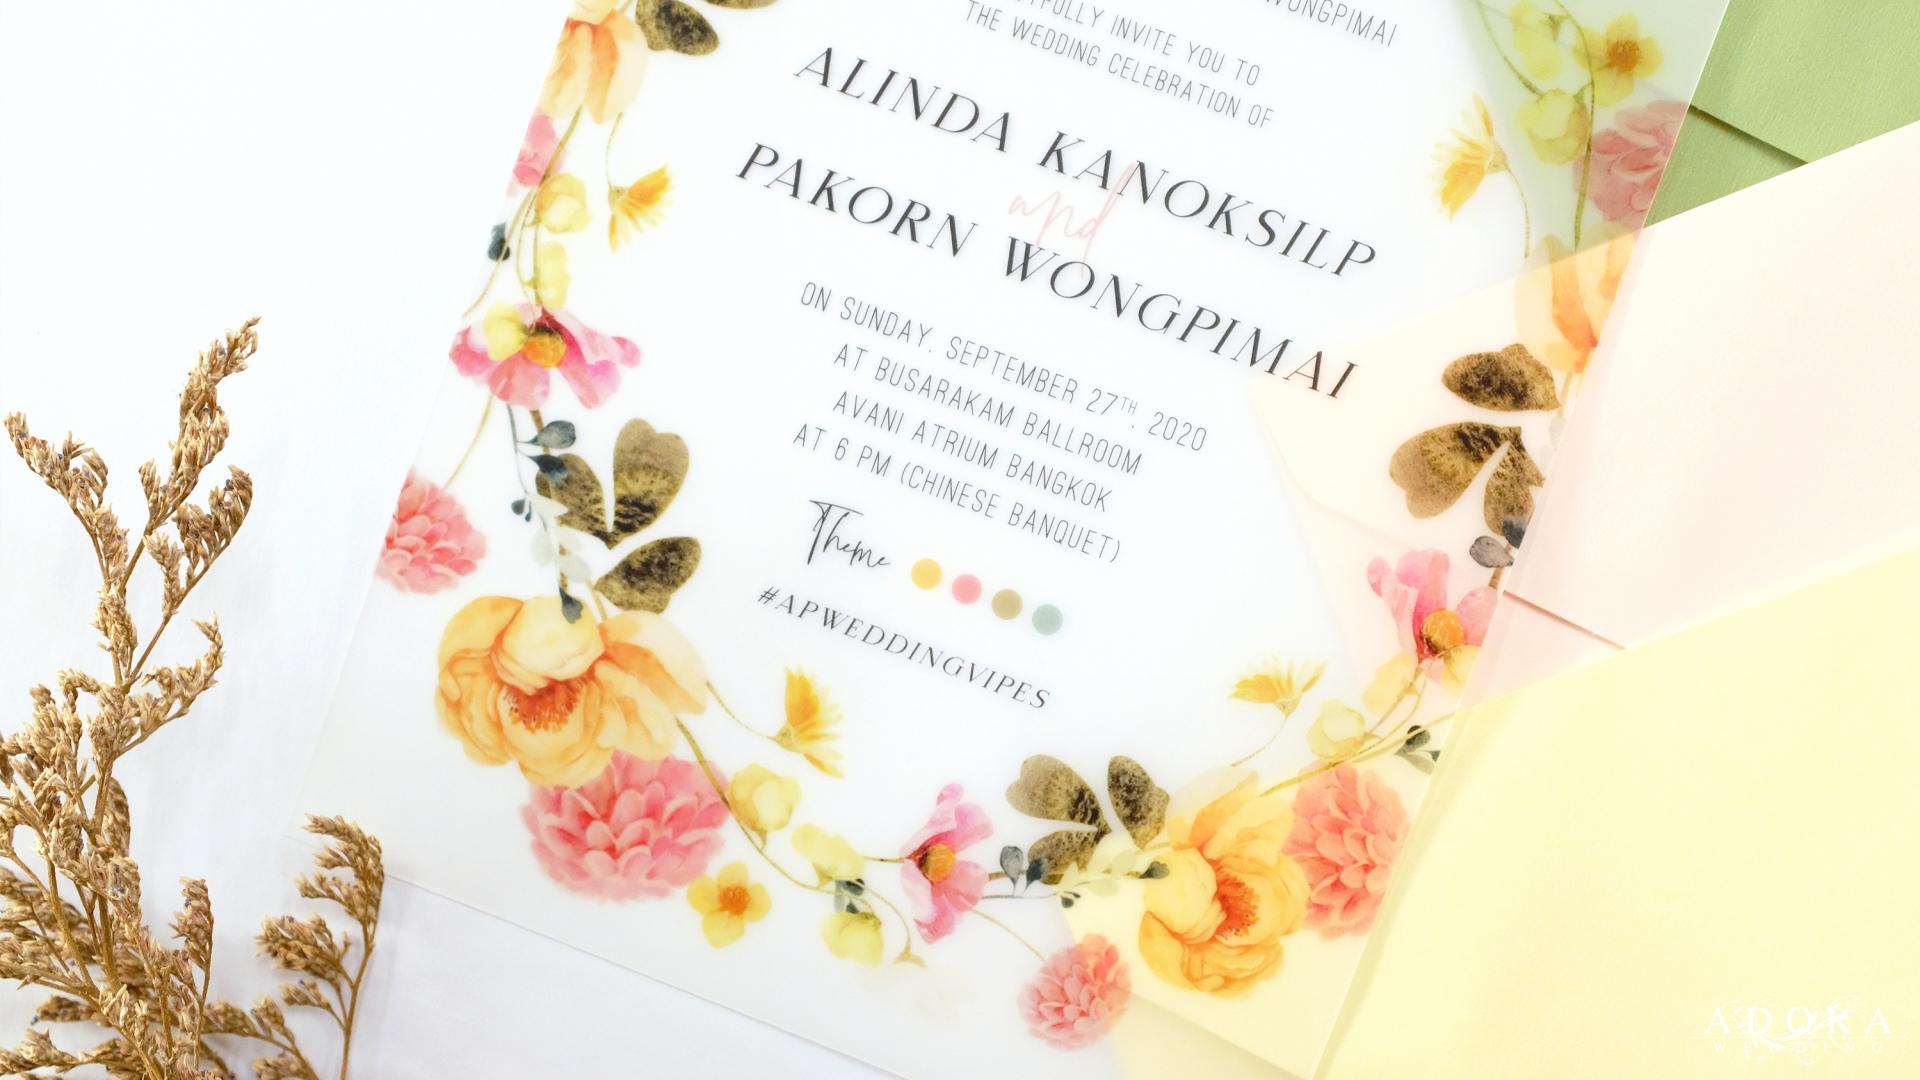 B224LM-wedding-card-6